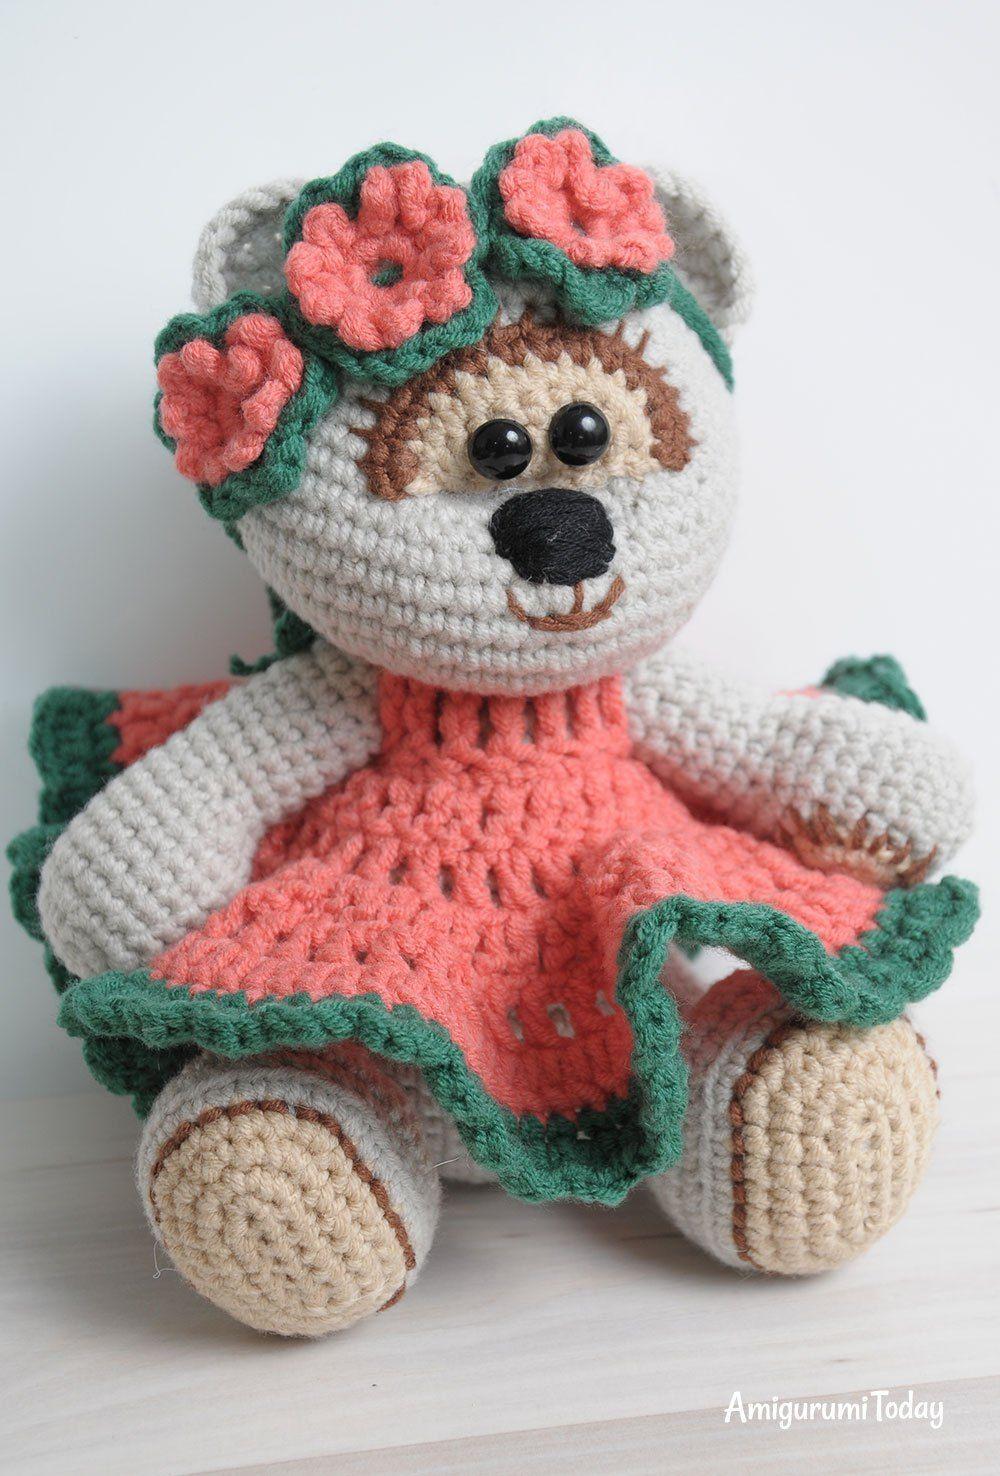 Miel oso de peluche chica amigurumi patrón | Proyectos que intentar ...